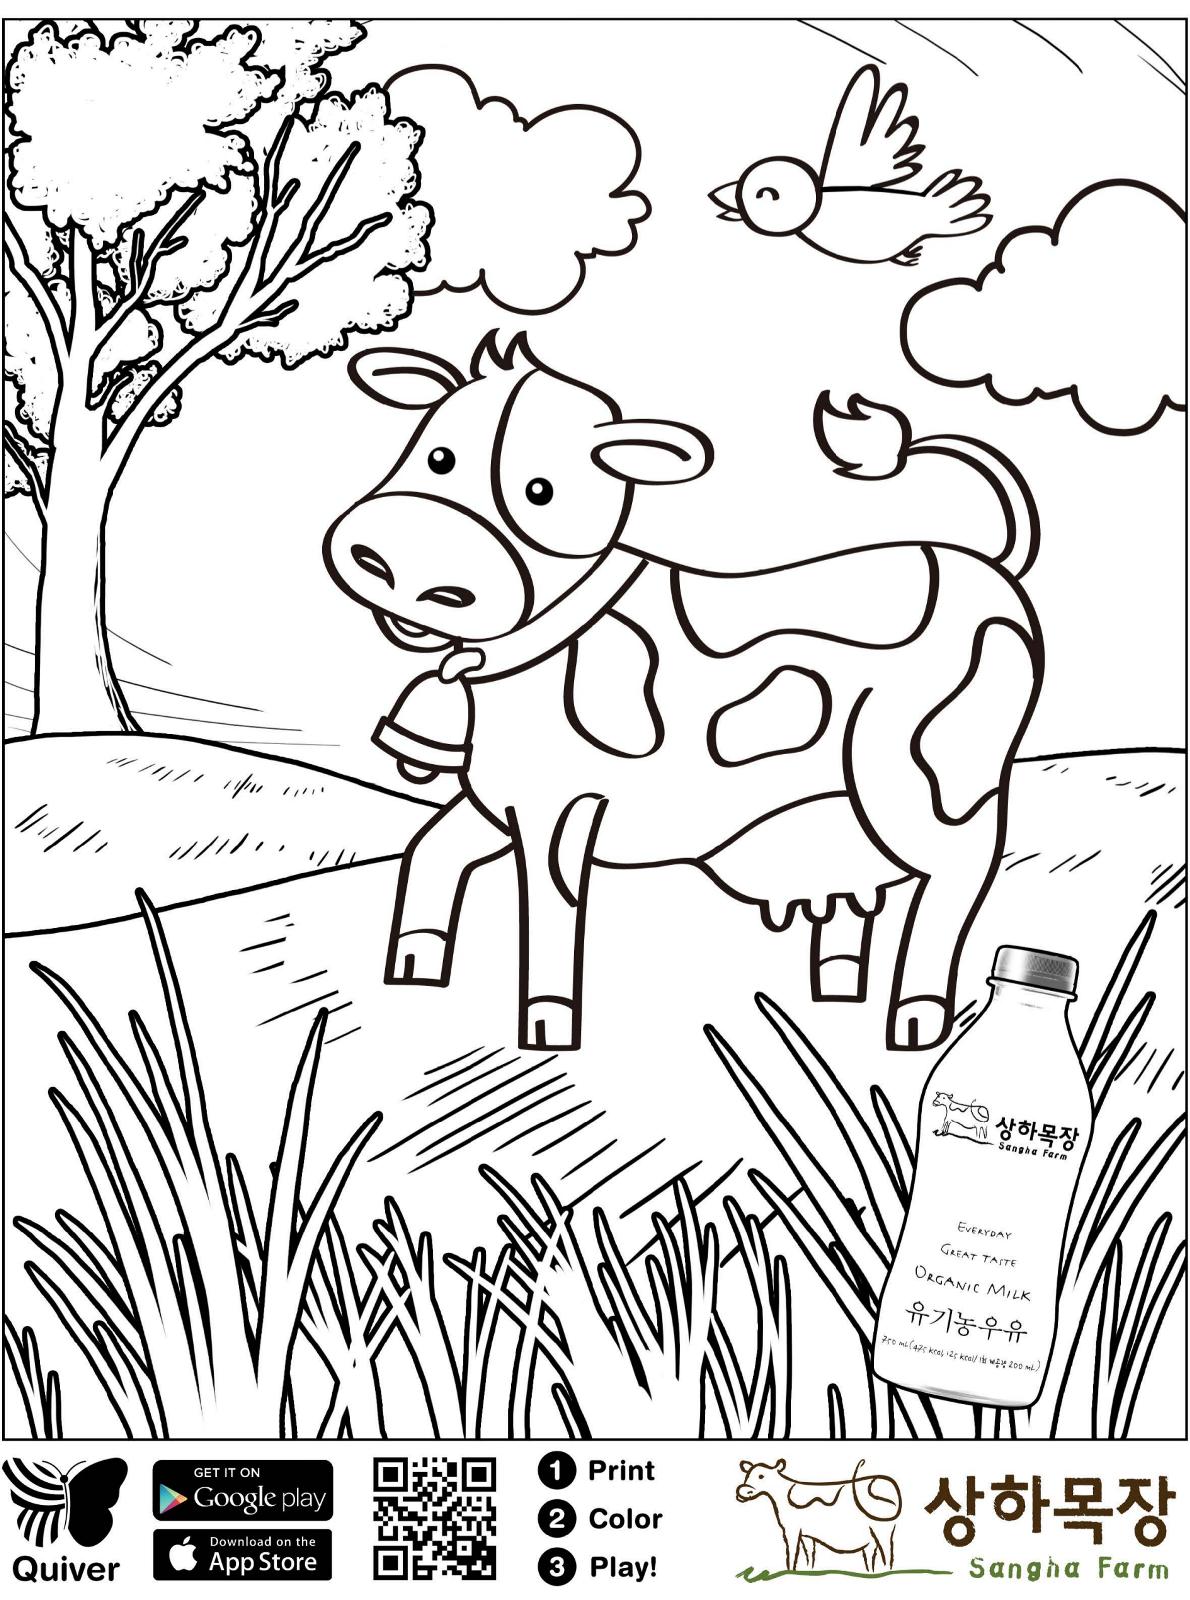 kidsnfunde  malvorlage quiver kuh